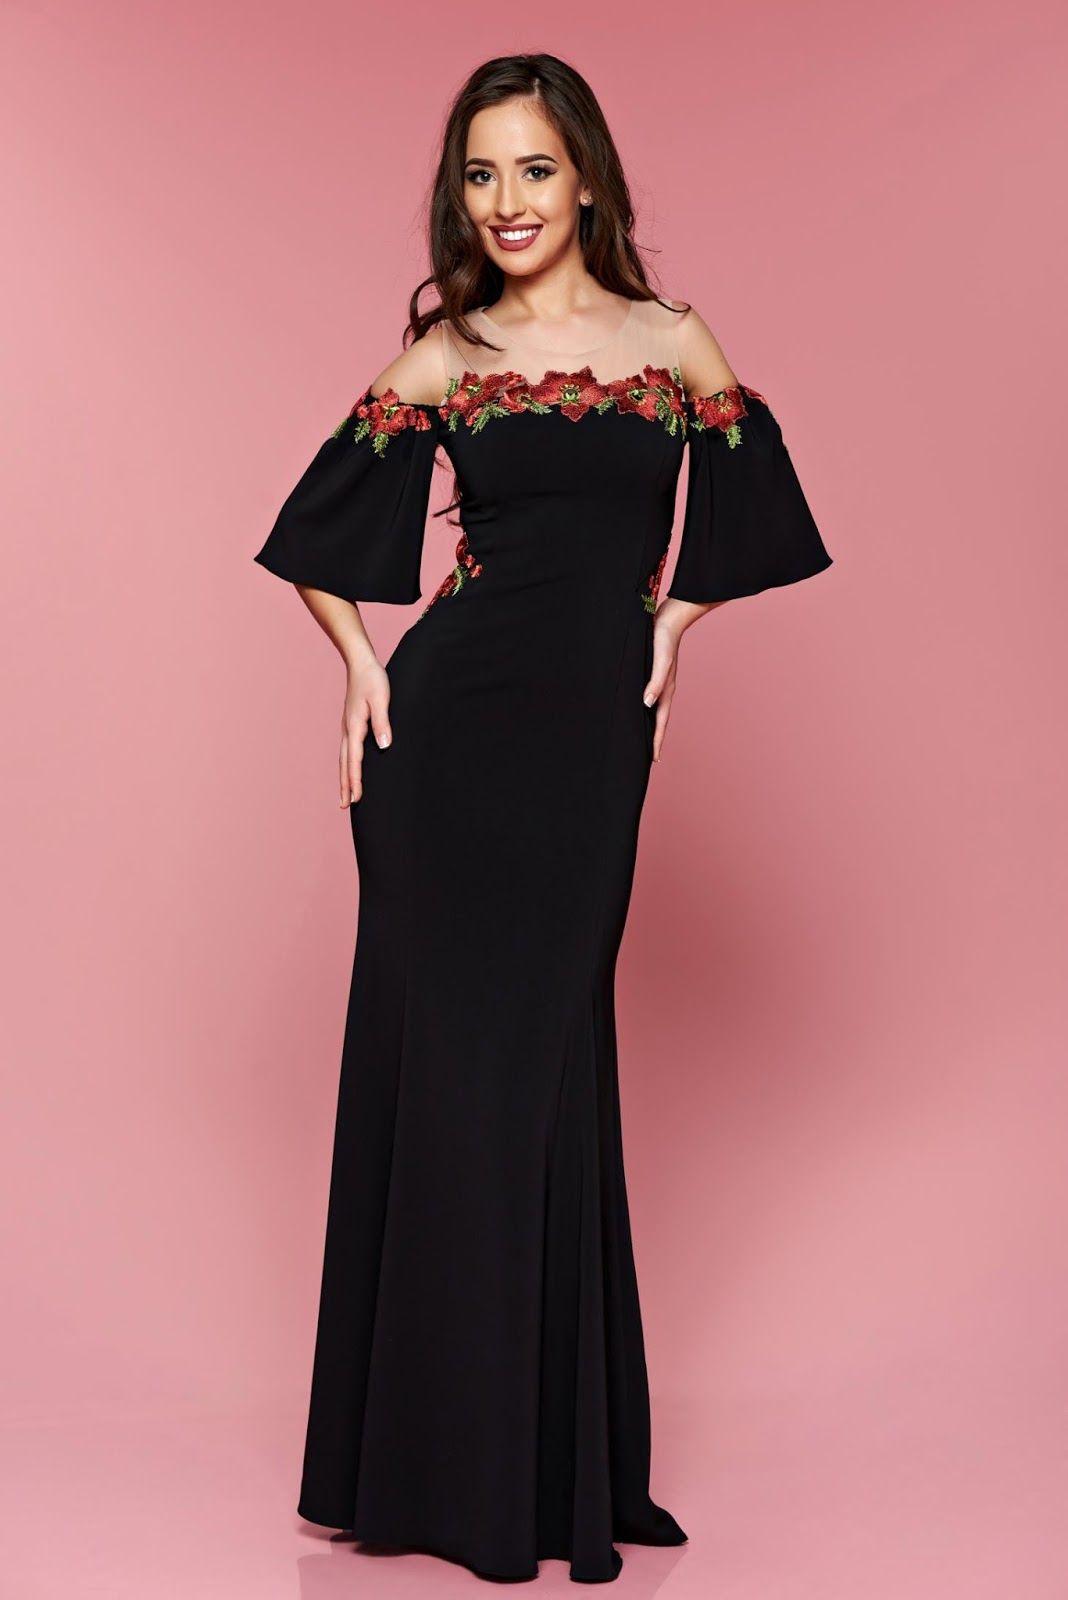 Resultado de imagen para modelo de vestidos largos | elena ...